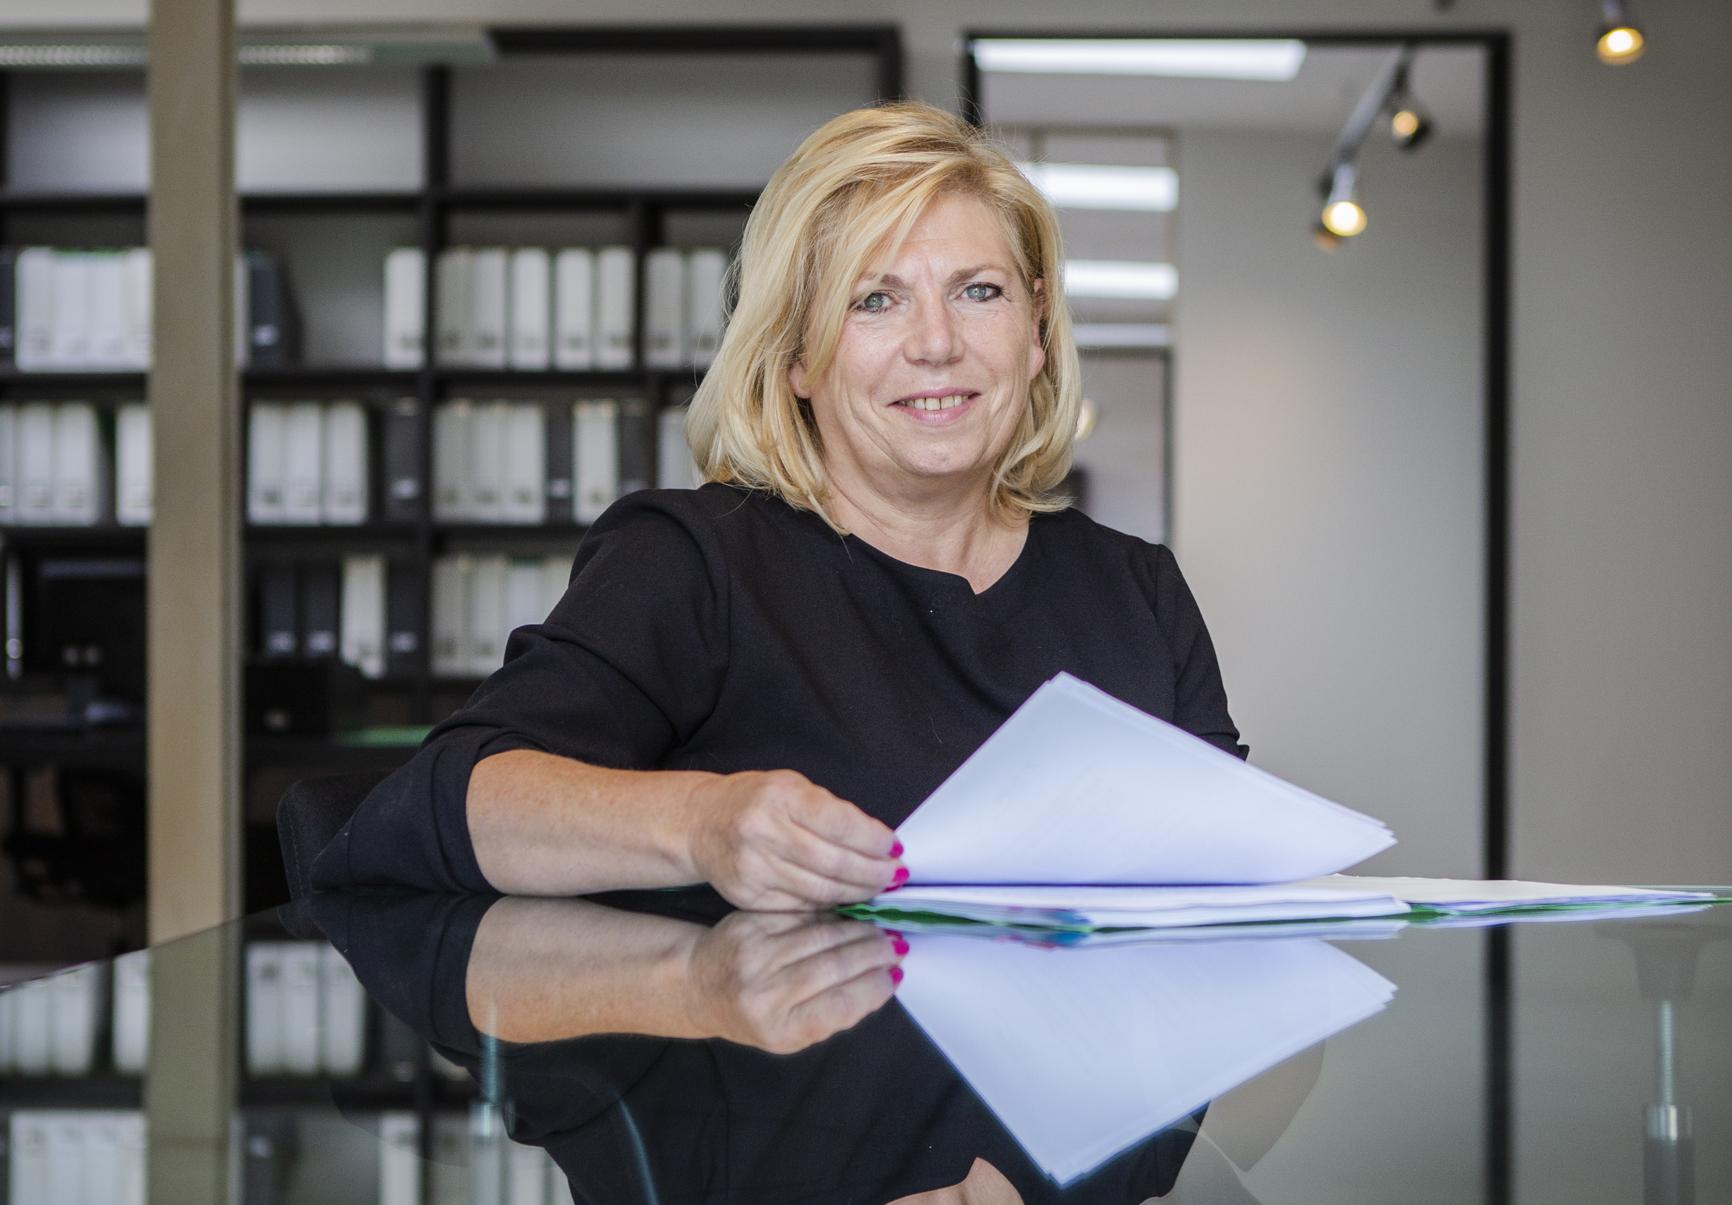 Ann De Clercq featured in MIP's Top 250 Women in IP 2019